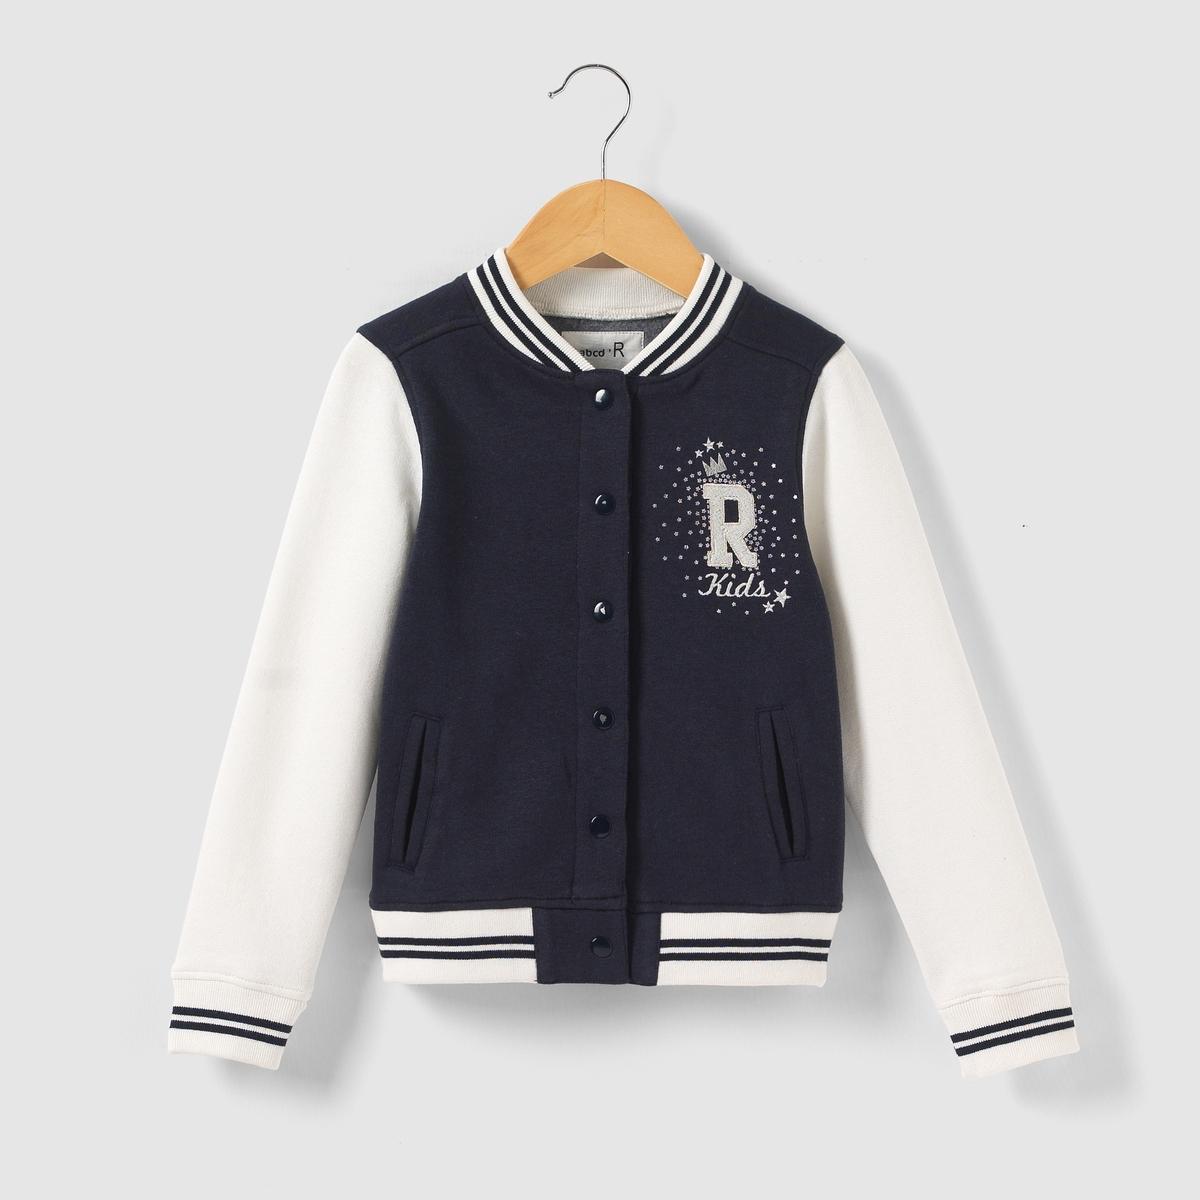 Куртка с длинными контрастными рукавами, 3-12 летКуртка с длинными контрастными рукавами. Застежка на кнопки. Вышитая надпись R Kids на груди. 2 кармана. Края связаны в полосатый рубчик. Состав и описание : Материал: мольтон, 80% хлопка, 20% полиэстераМарка: R ?ditionУход :Машинная стирка при 40°С с одеждой подобного цвета.Стирать и гладить с изнанки.Машинная сушка на умеренном режиме.Гладить при умеренной температуре.<br><br>Цвет: синий морской